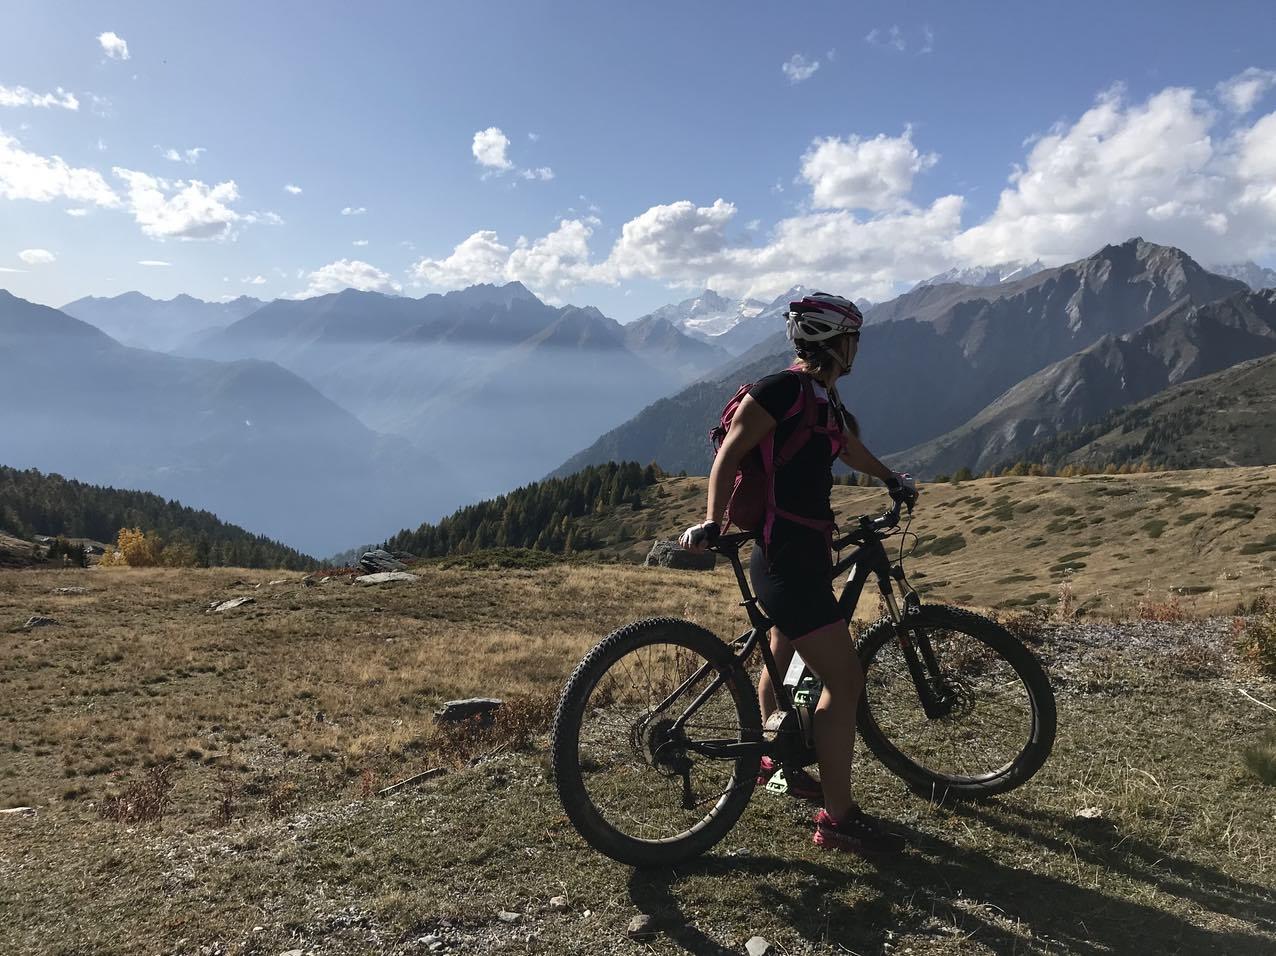 Mountainbiken in den Alpen, Sporturlaub